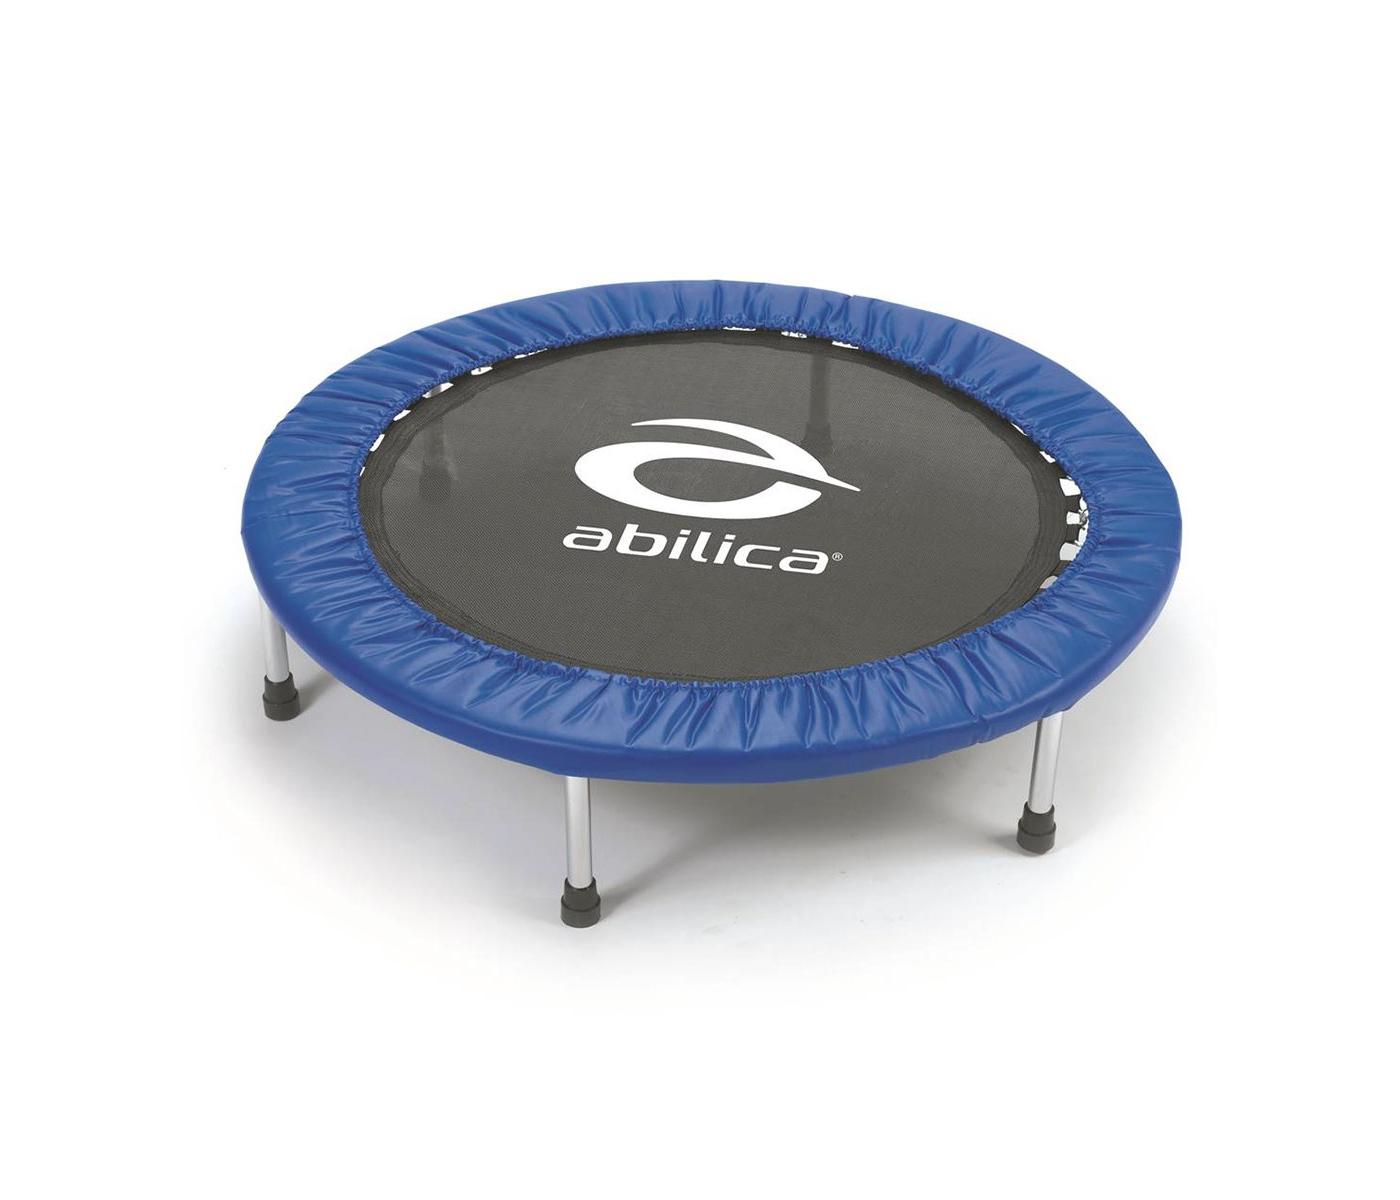 Abilica fitness trampolin